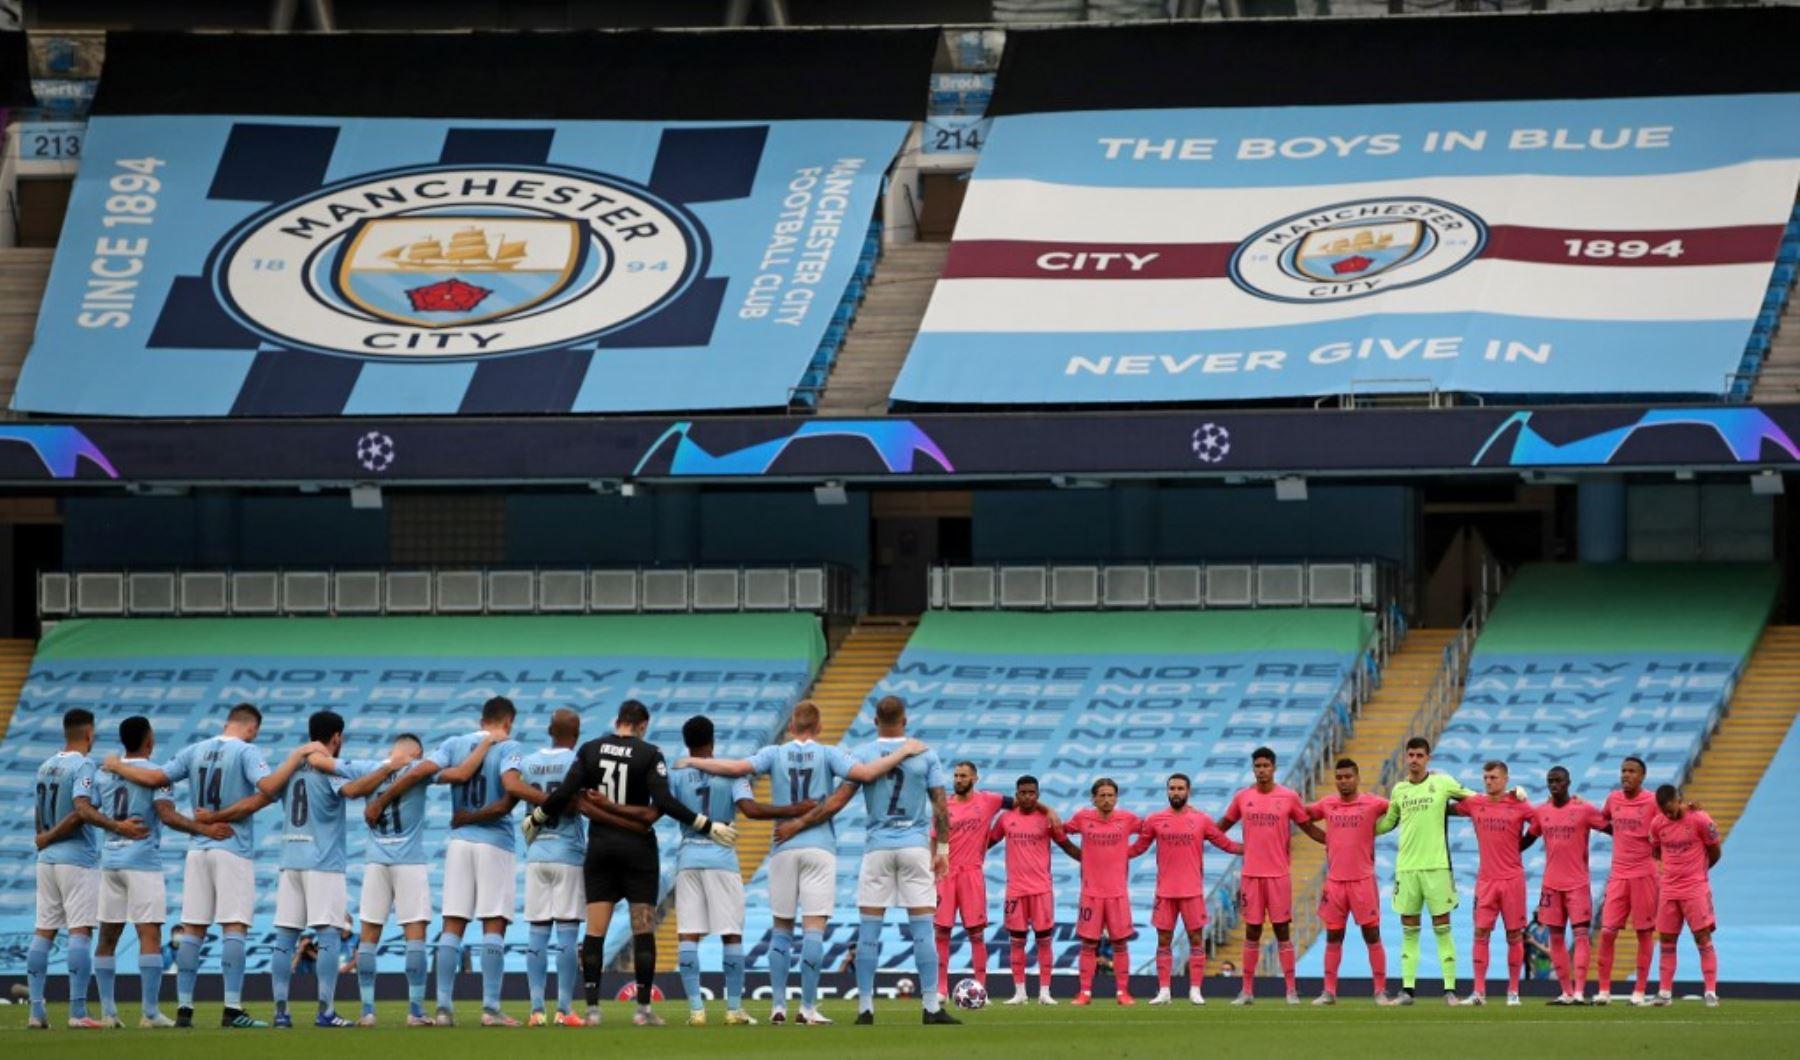 Los jugadores hacen una pausa para un minuto de silencio por las víctimas de la pandemia COVID-19, durante la ronda de la Liga de Campeones de la UEFA.Foto:AFP